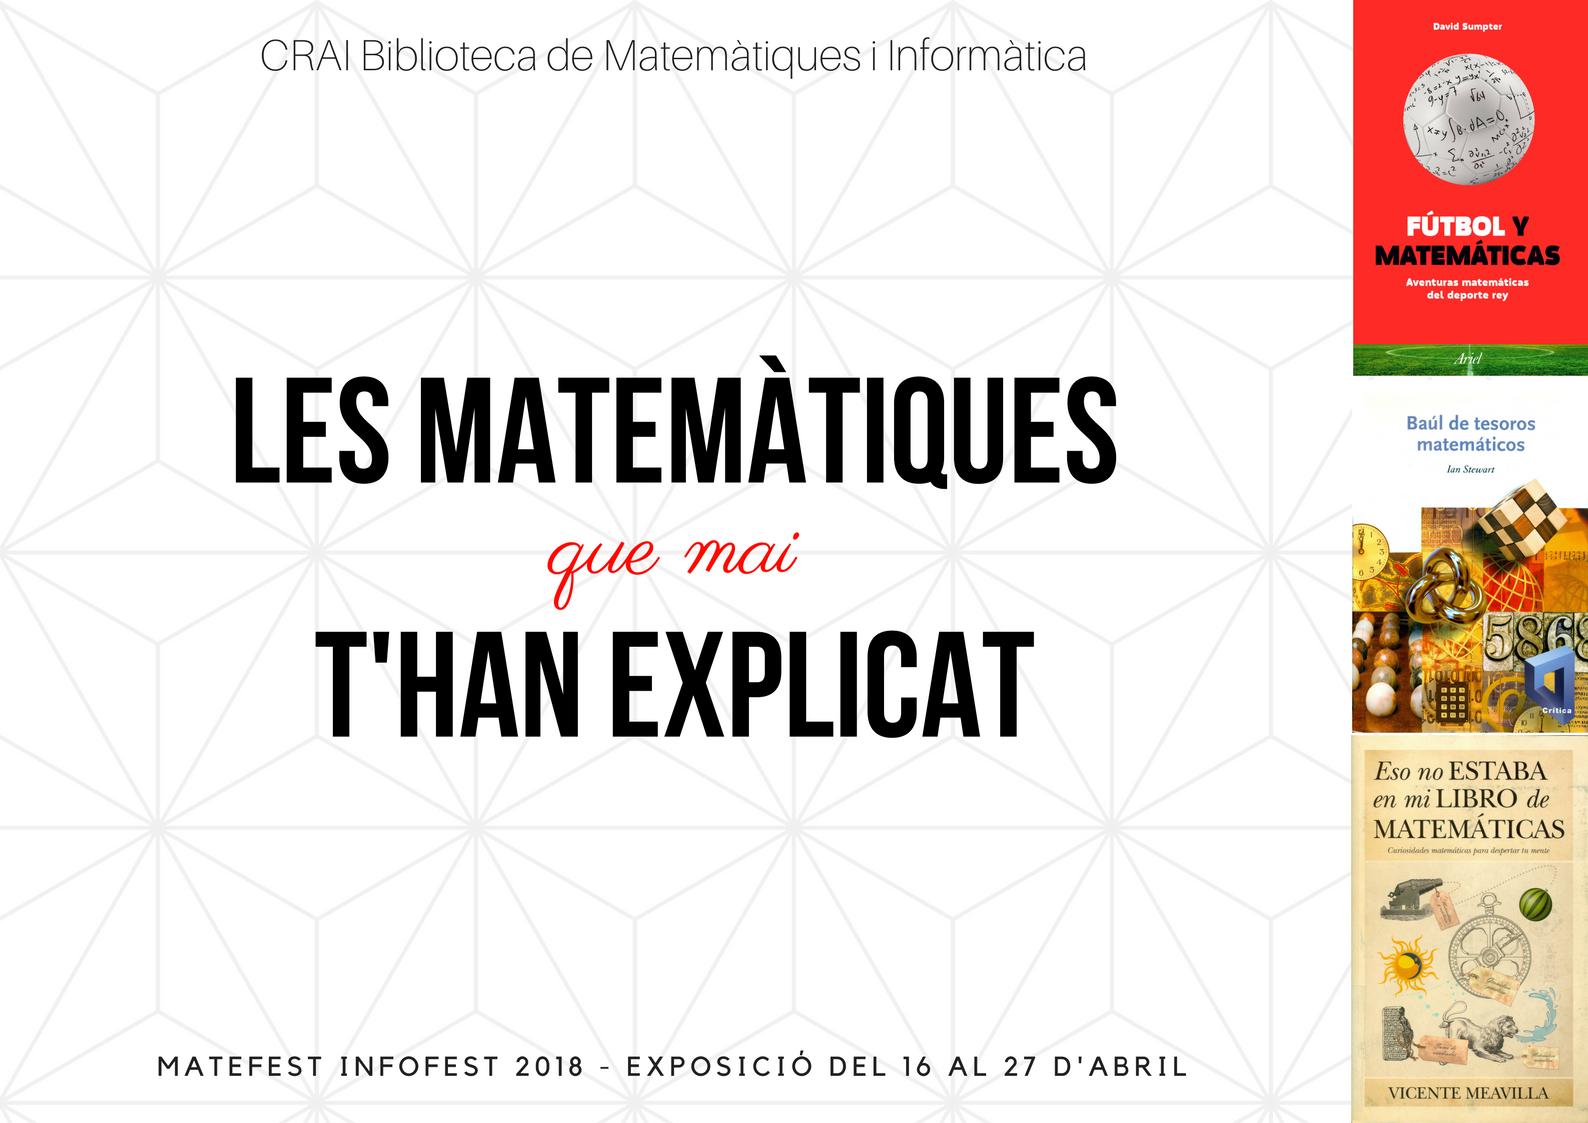 Les matemàtiques que mai t'han explicat